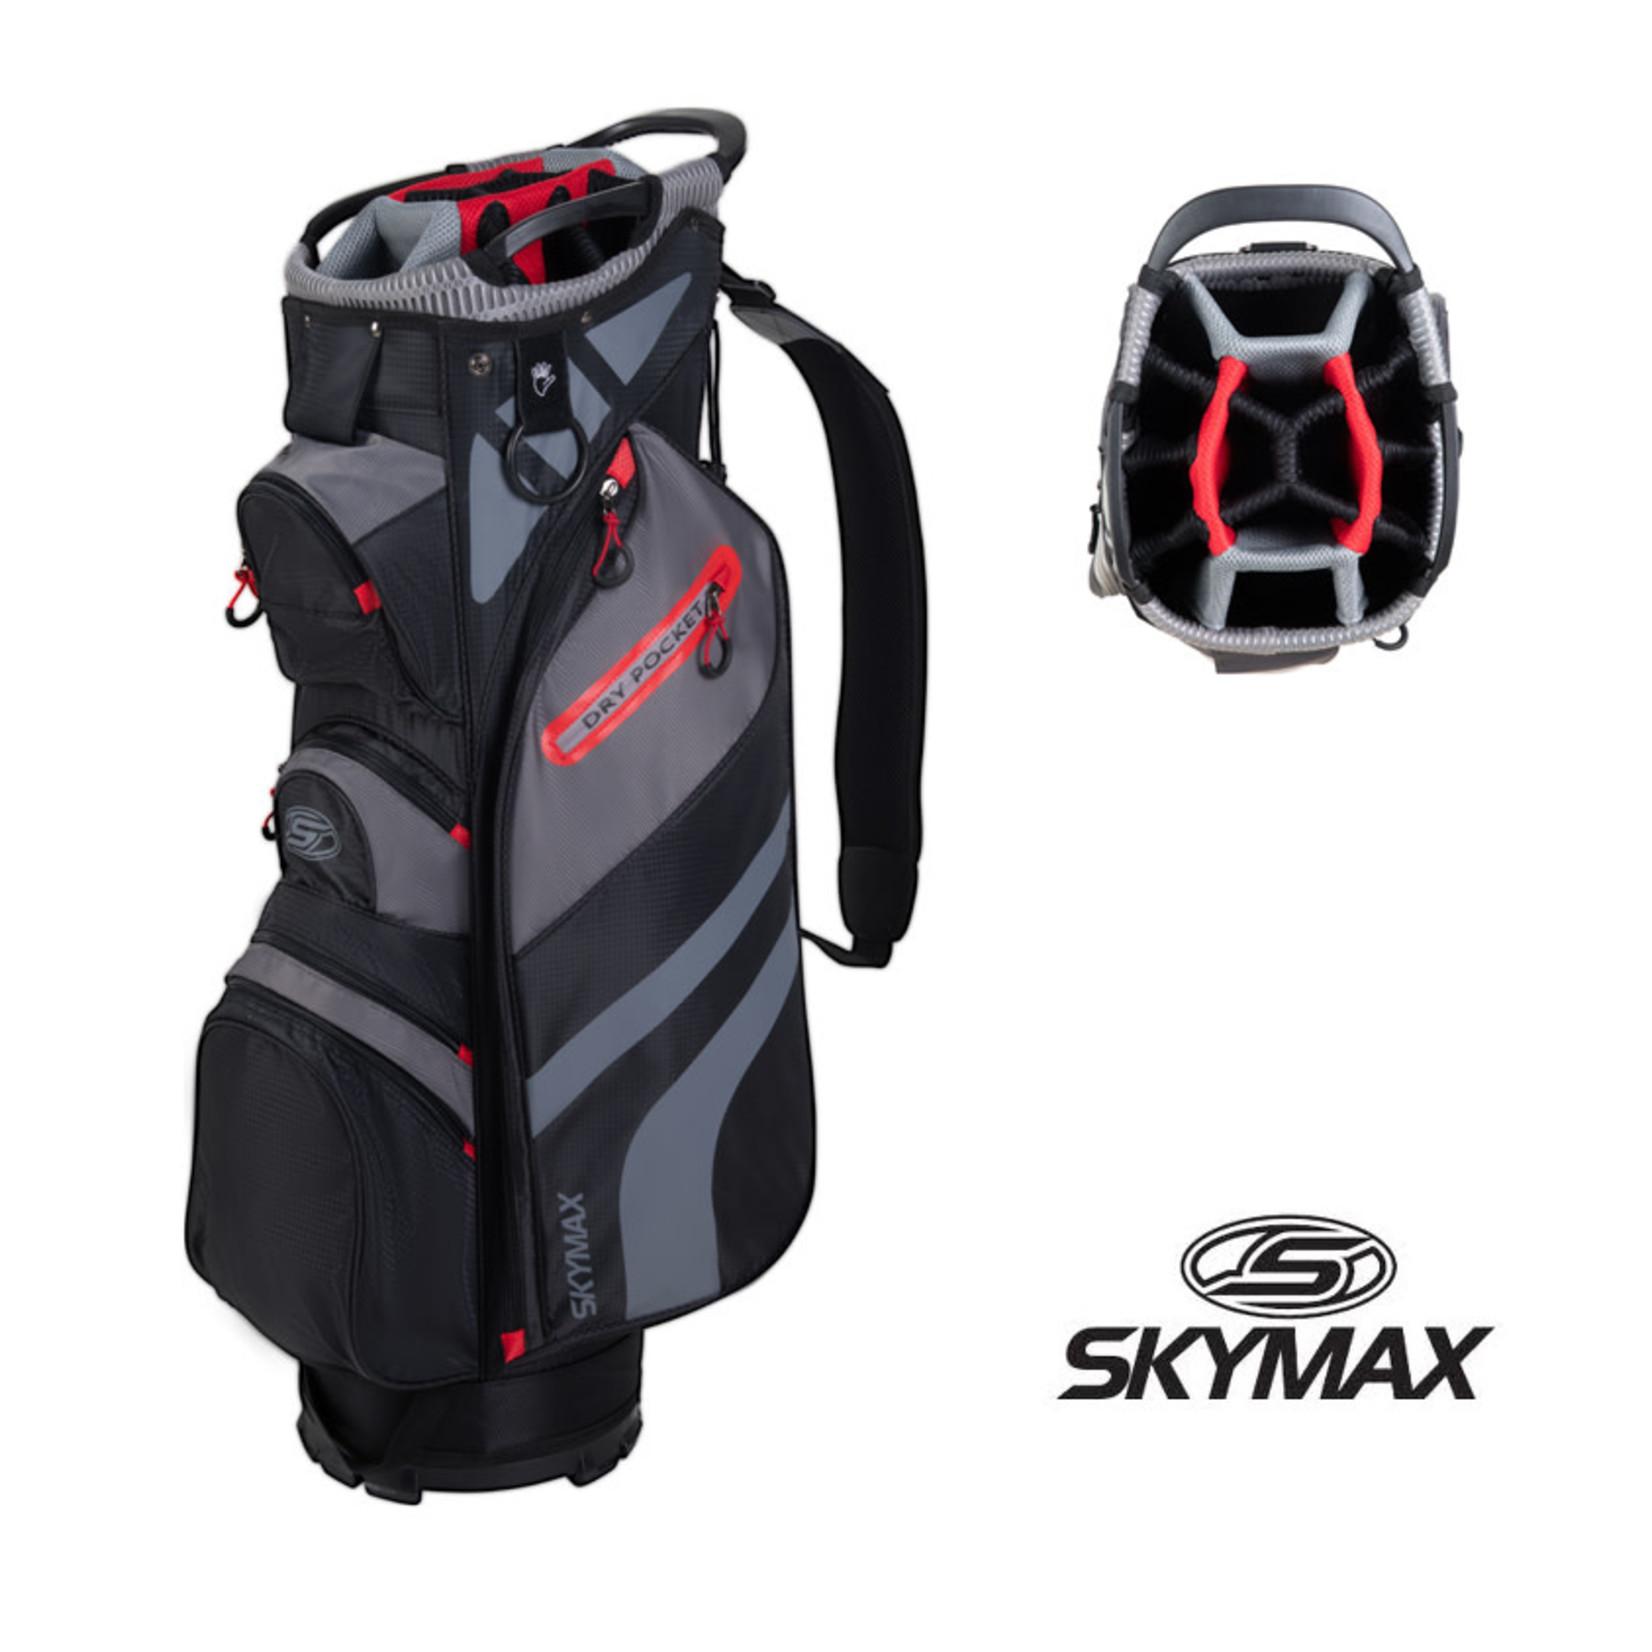 Skymax Skymax S1 heren GRAPHITE complete set - met golftas